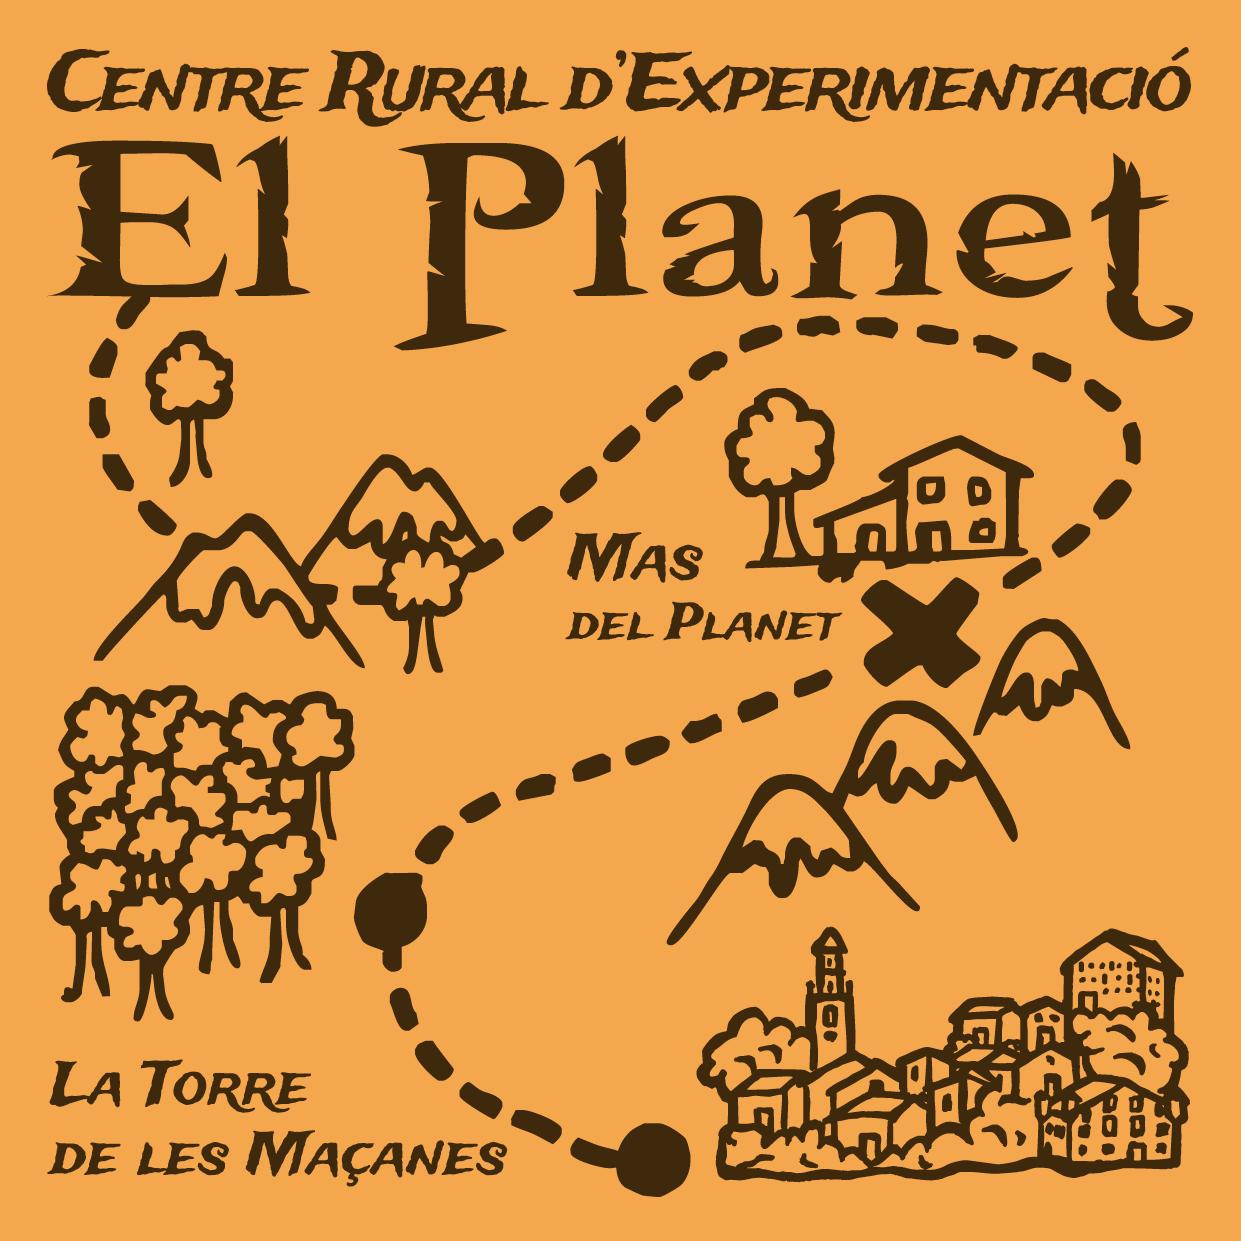 El Planet. Comencem el Projecte